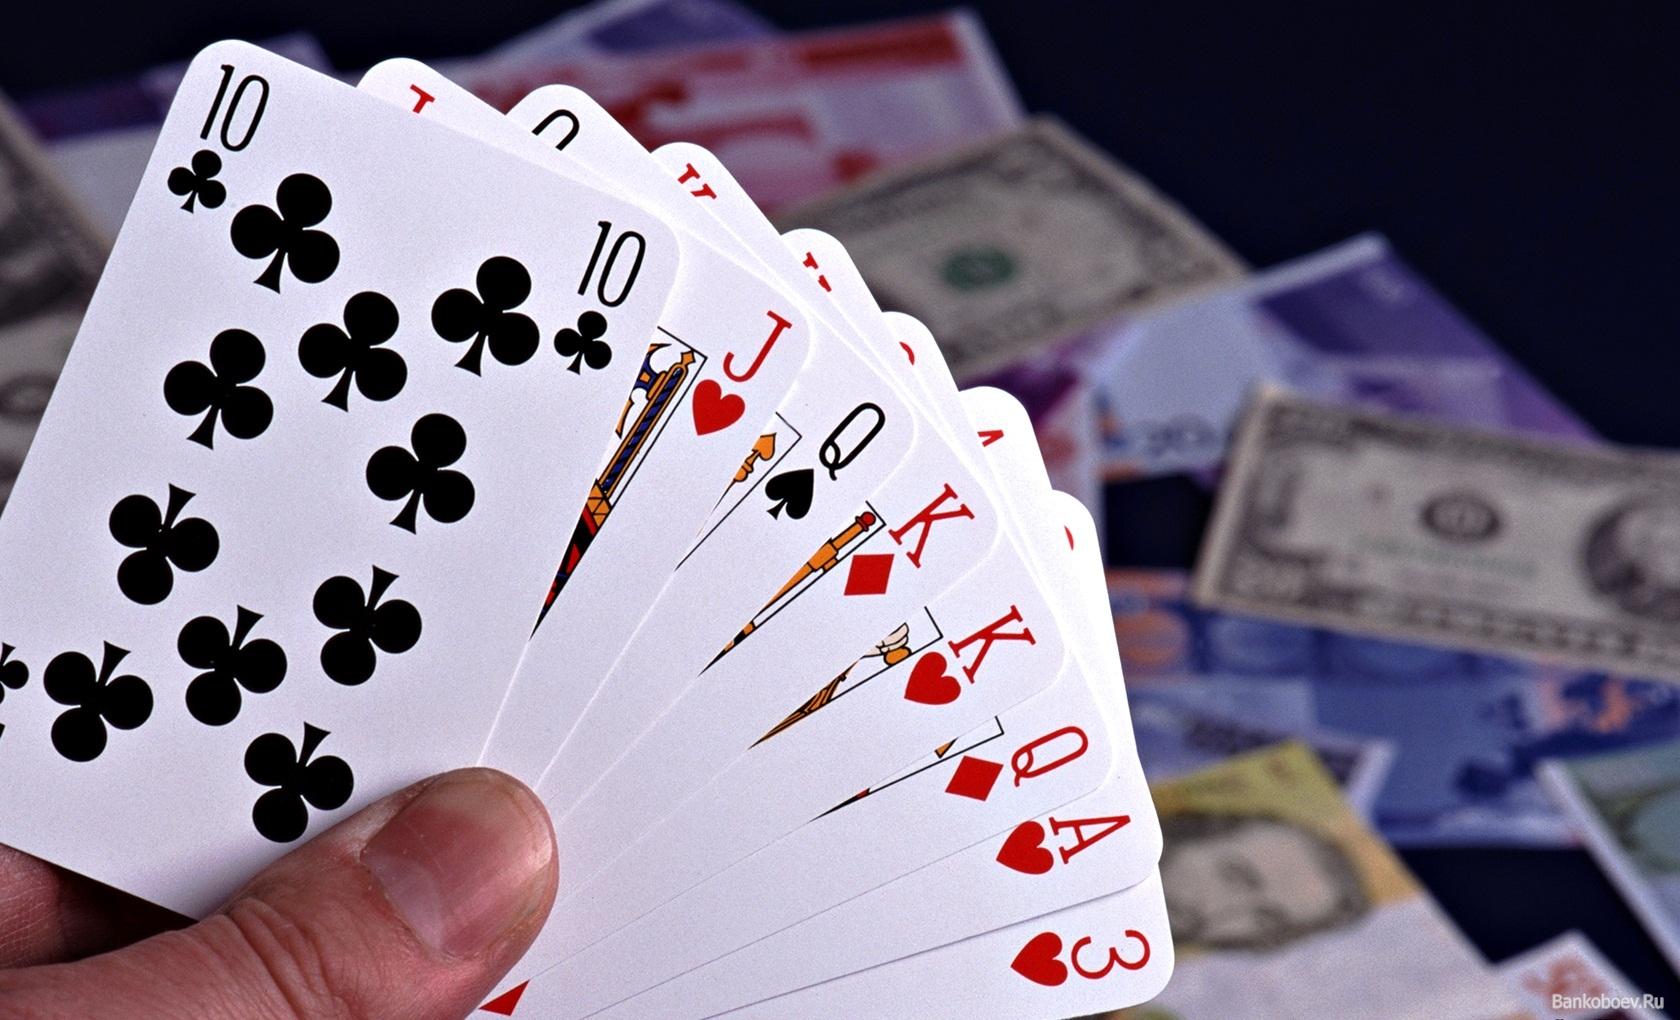 деньги покер онлайн виртуальные